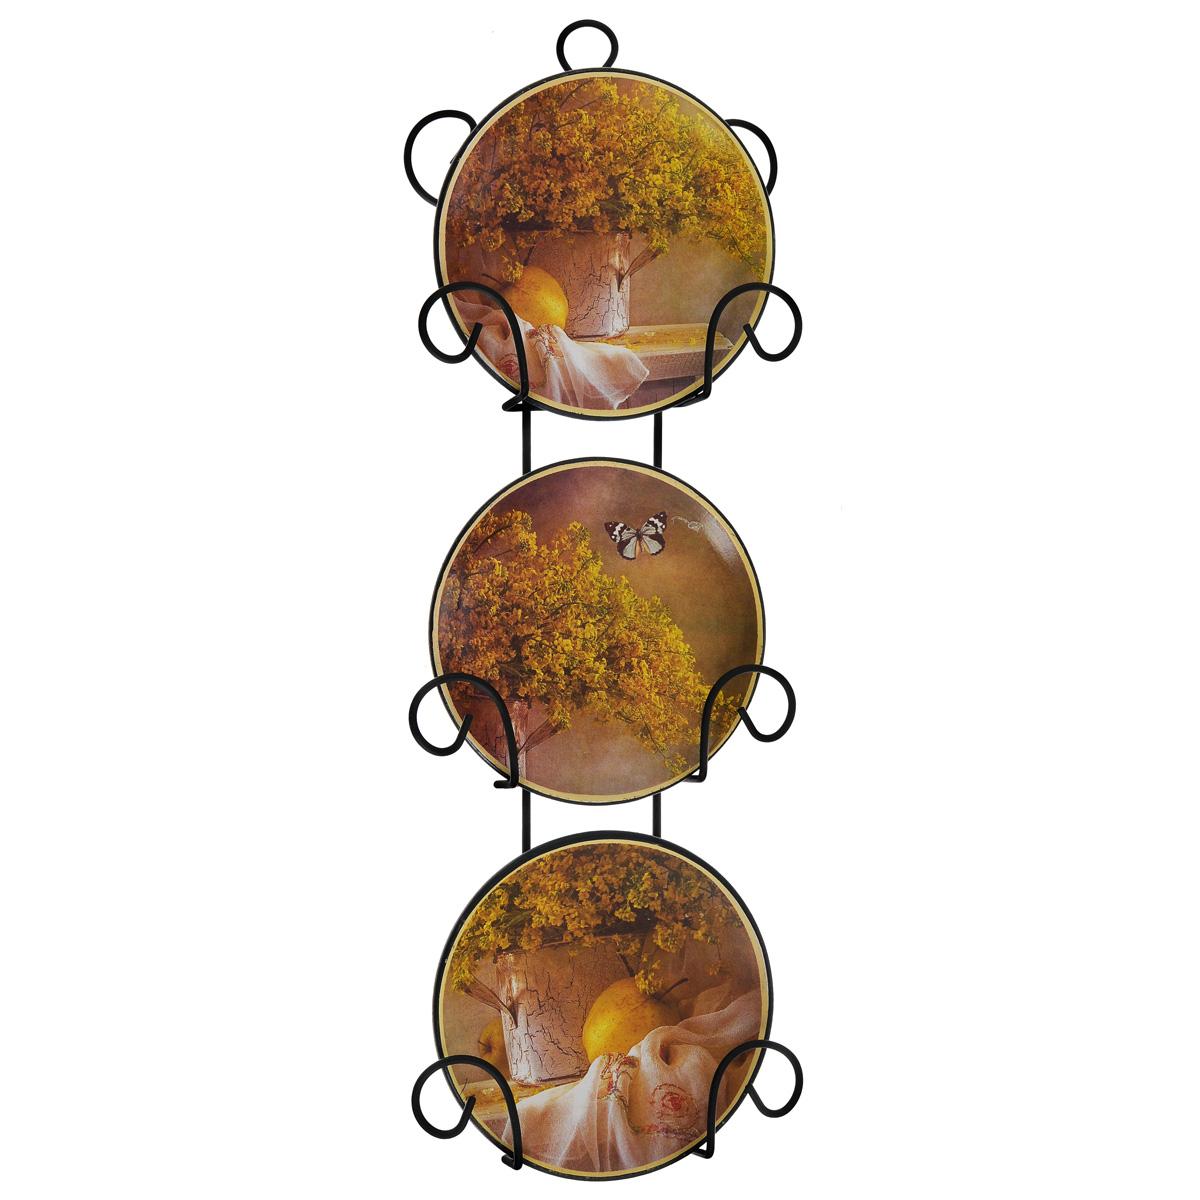 Набор декоративных тарелок Феникс-Презент, диаметр 10 см, 3 шт36263Набор из трех декоративных тарелок с ярким рисунком украсят практически любое ваше помещение, будь то кухня, столовая, гостиная, холл и будут являться необычным дизайнерским решением. Тарелки выполнены из доломитовой керамики, подставка в виде вертикальной этажерки, благодаря которой сувенир удобно и быстро крепится к стене, - из черного металла. Каждая тарелочка, декорированная изображениями свежей зелени и бабочки, помещается в отдельную нишу. Очаровательный набор декоративных тарелок - замечательный подарок друзьям и близким людям.